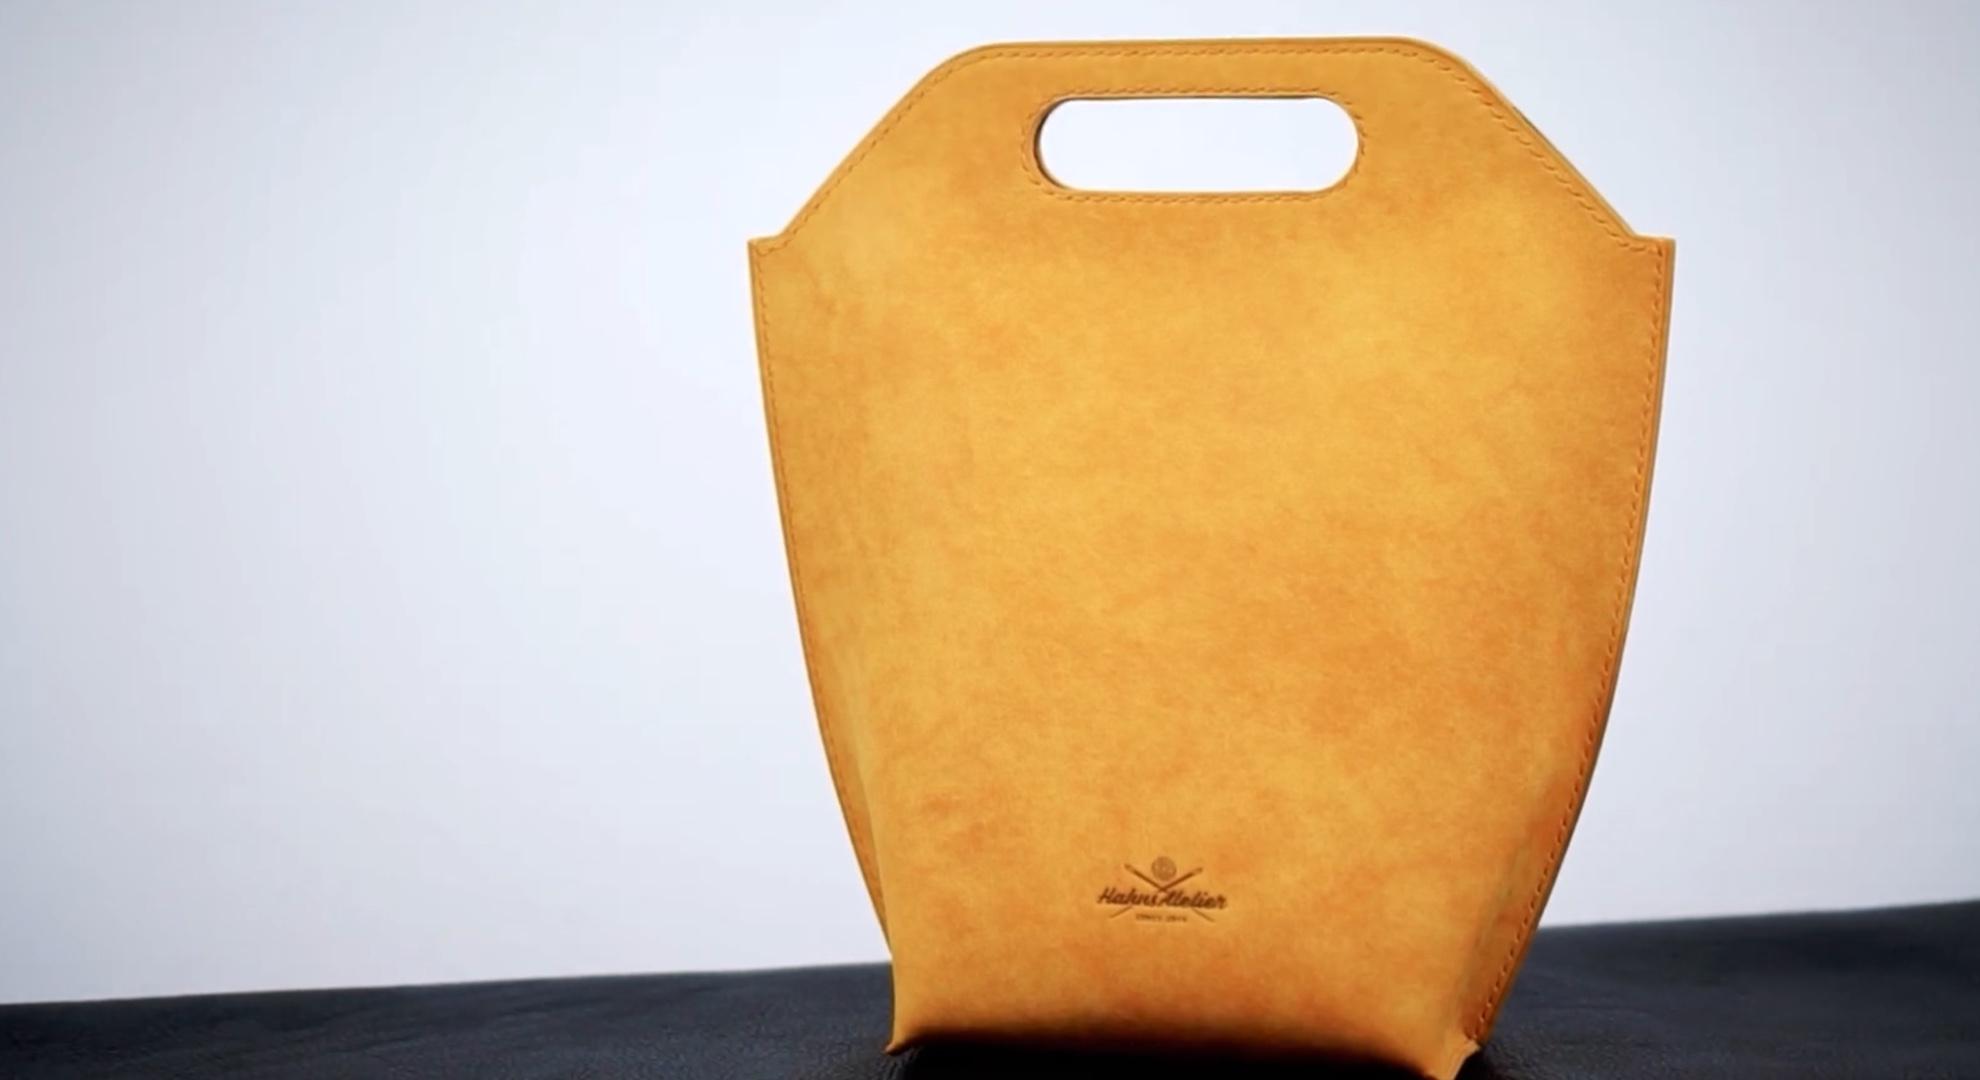 DIY手工皮革包袋视频教程与图纸下载:真皮手提袋/野餐包/购物袋制作过程